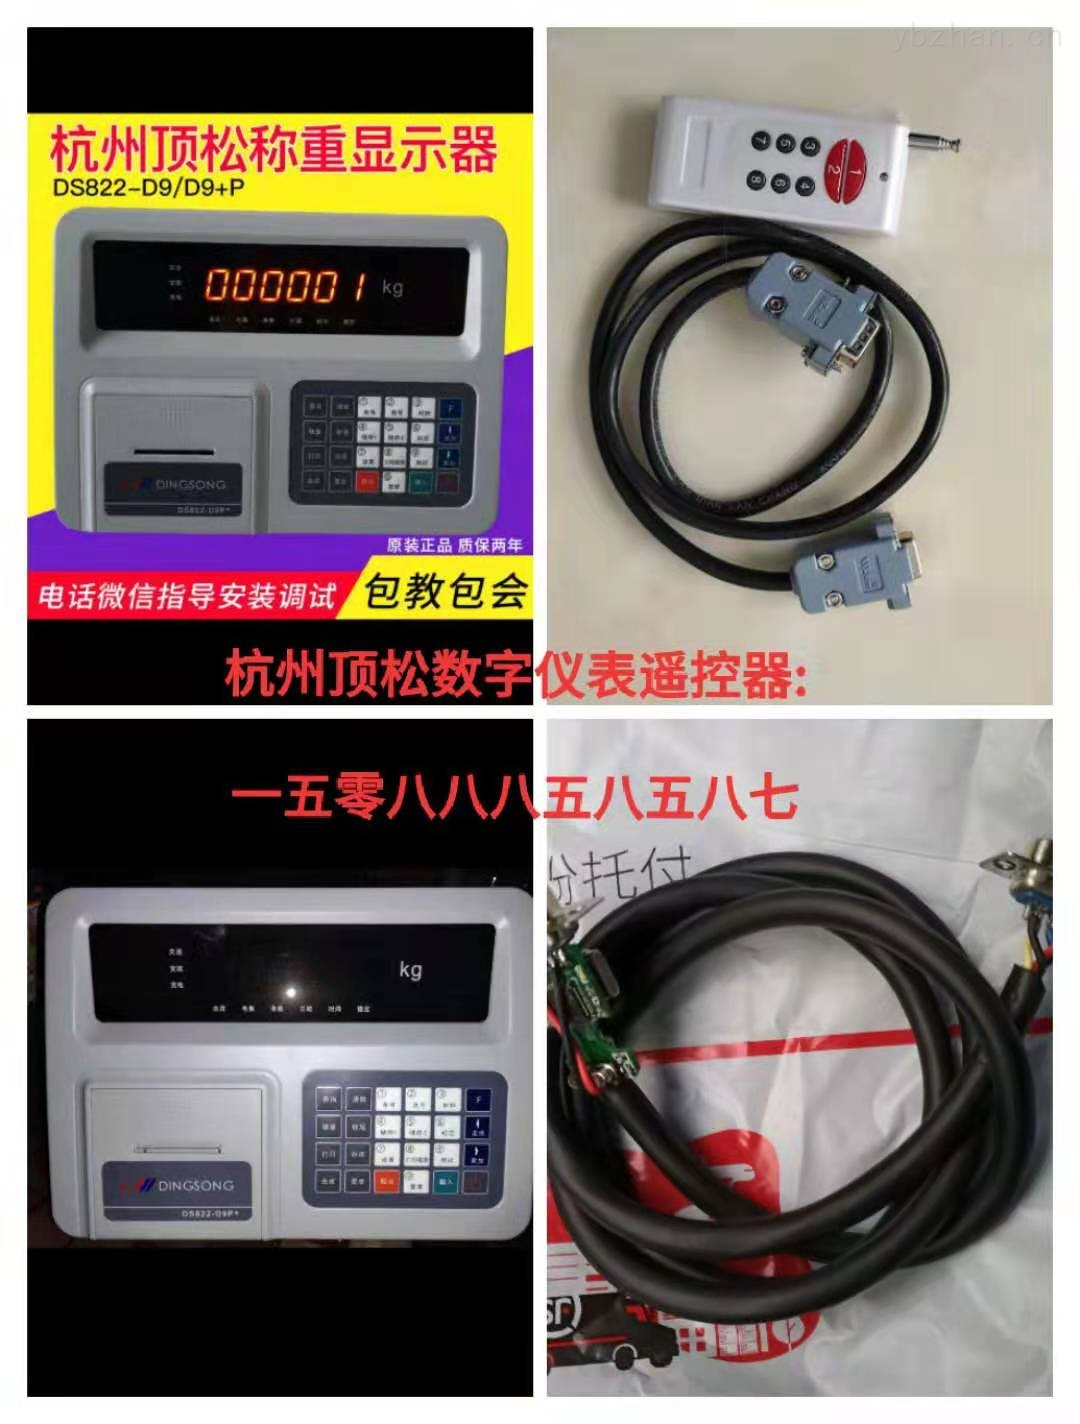 装在表里3190-电子秤遥控器怎么安装